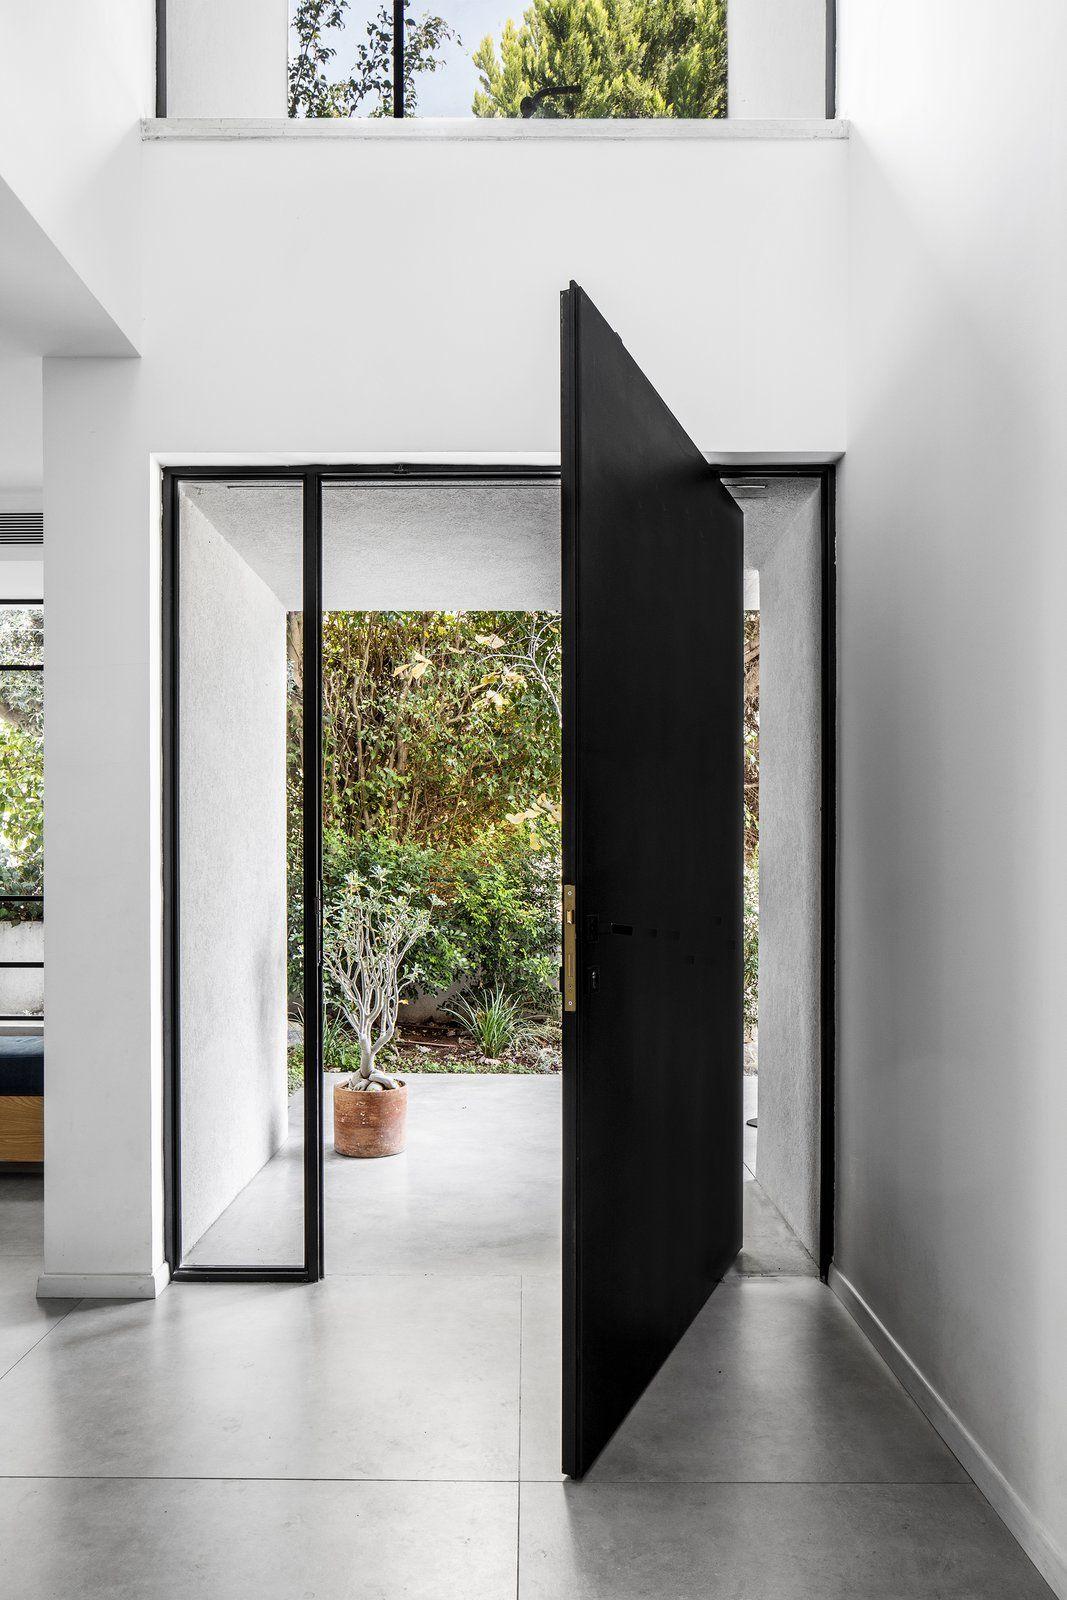 Une image contenant plancher, intérieur, bâtiment  Description générée automatiquement